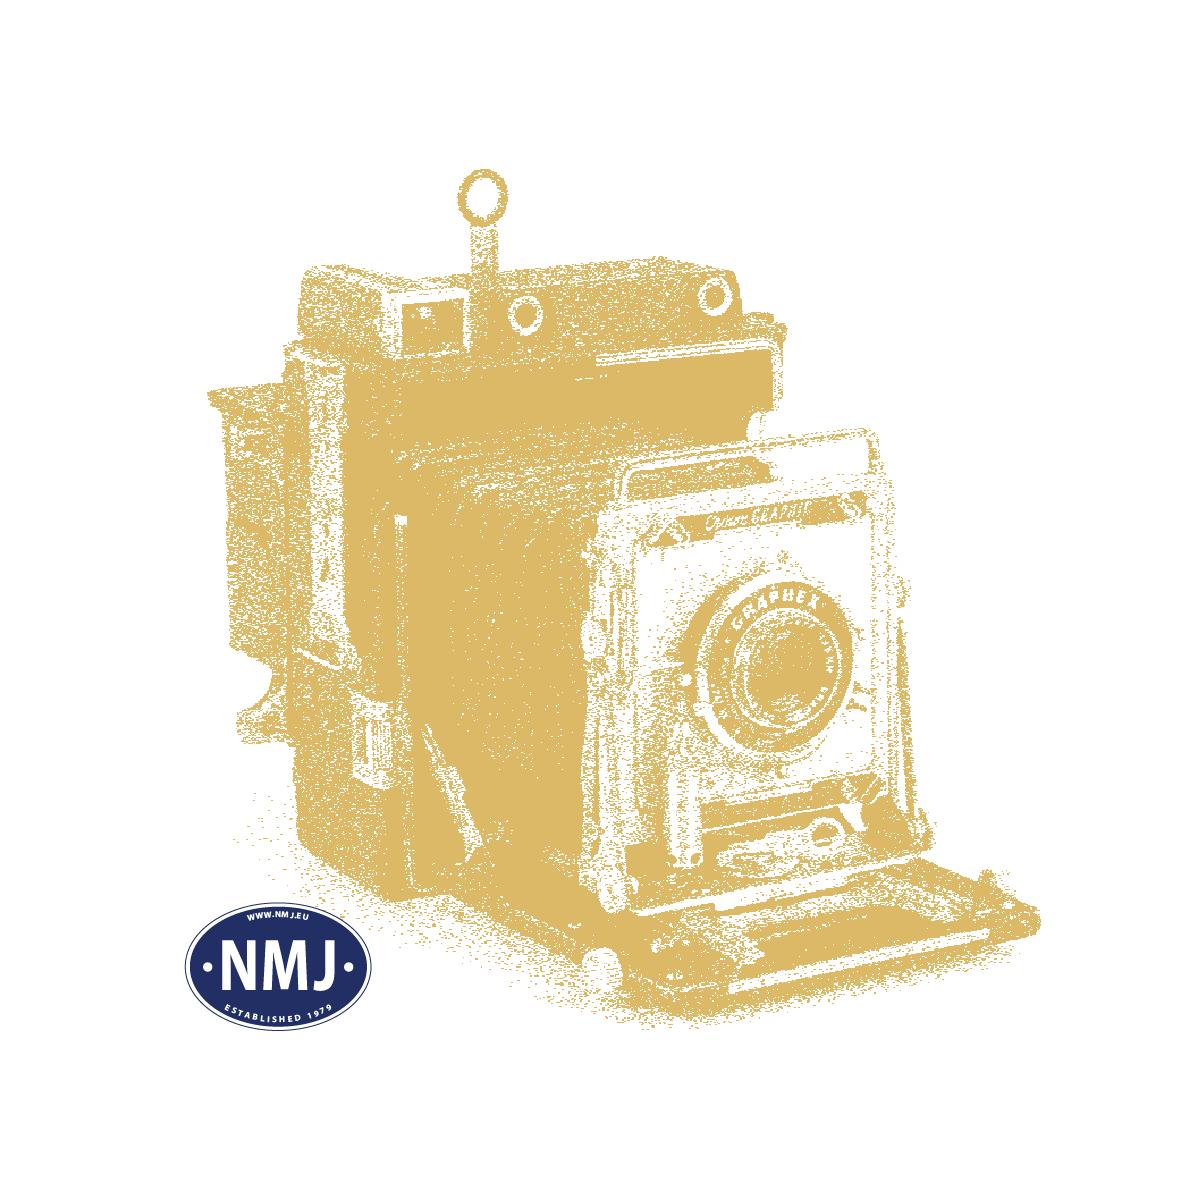 NOC15726 - Kuer, Brune og Hvite